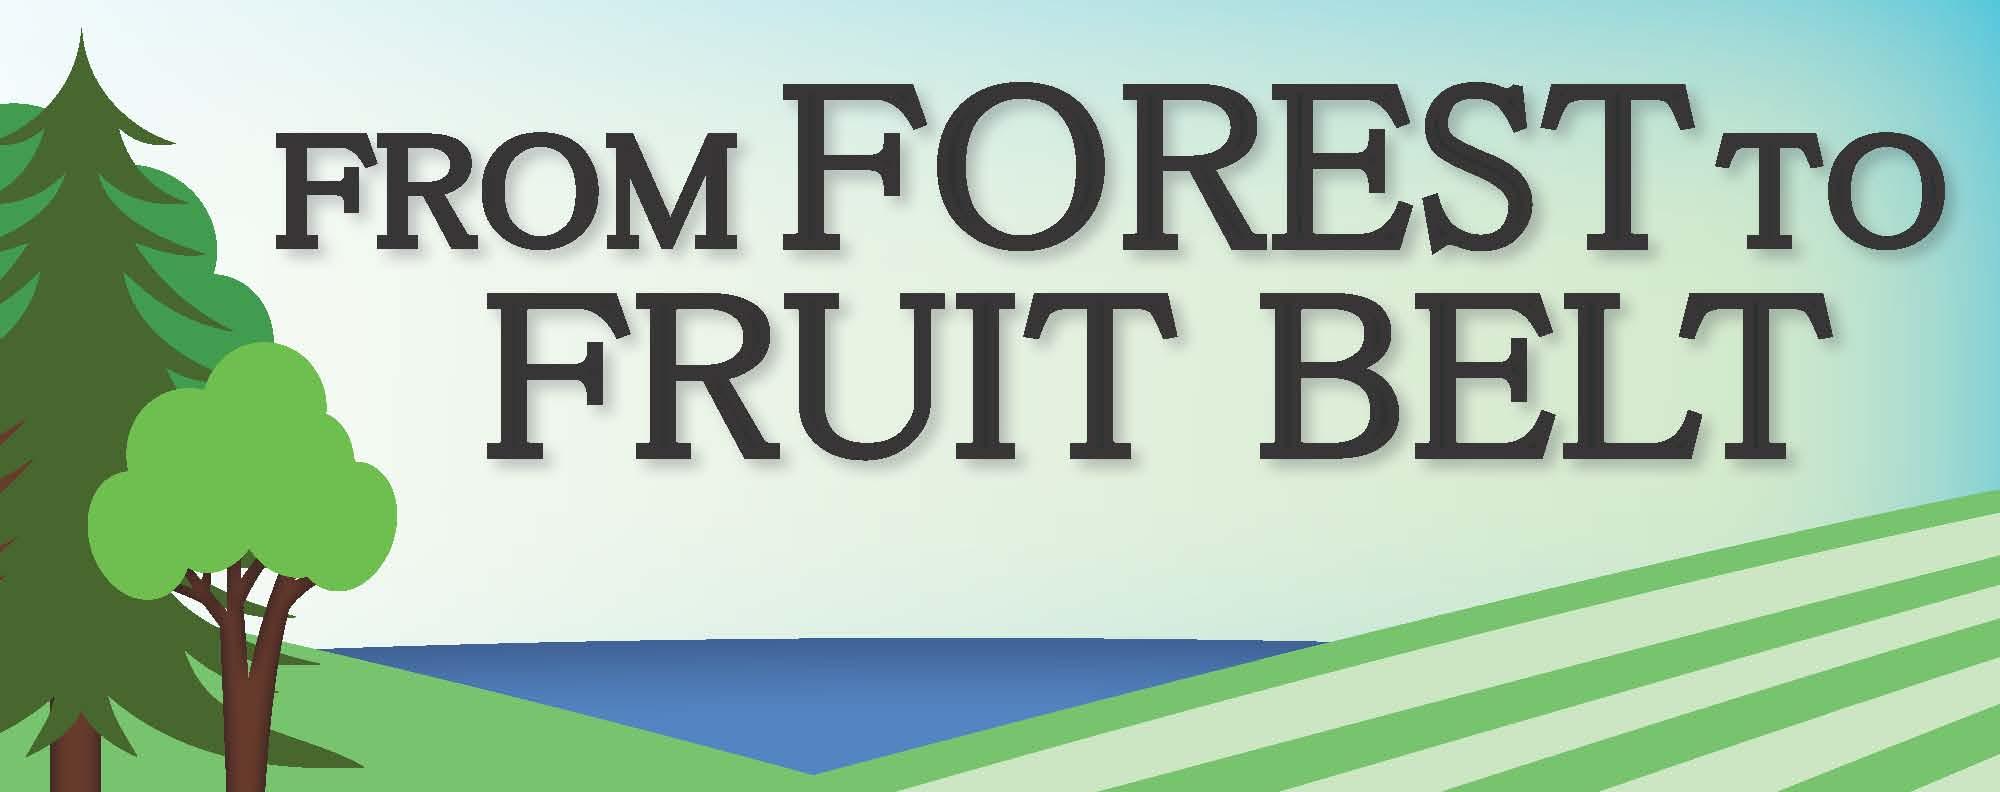 Fruit Belt Logo.jpg